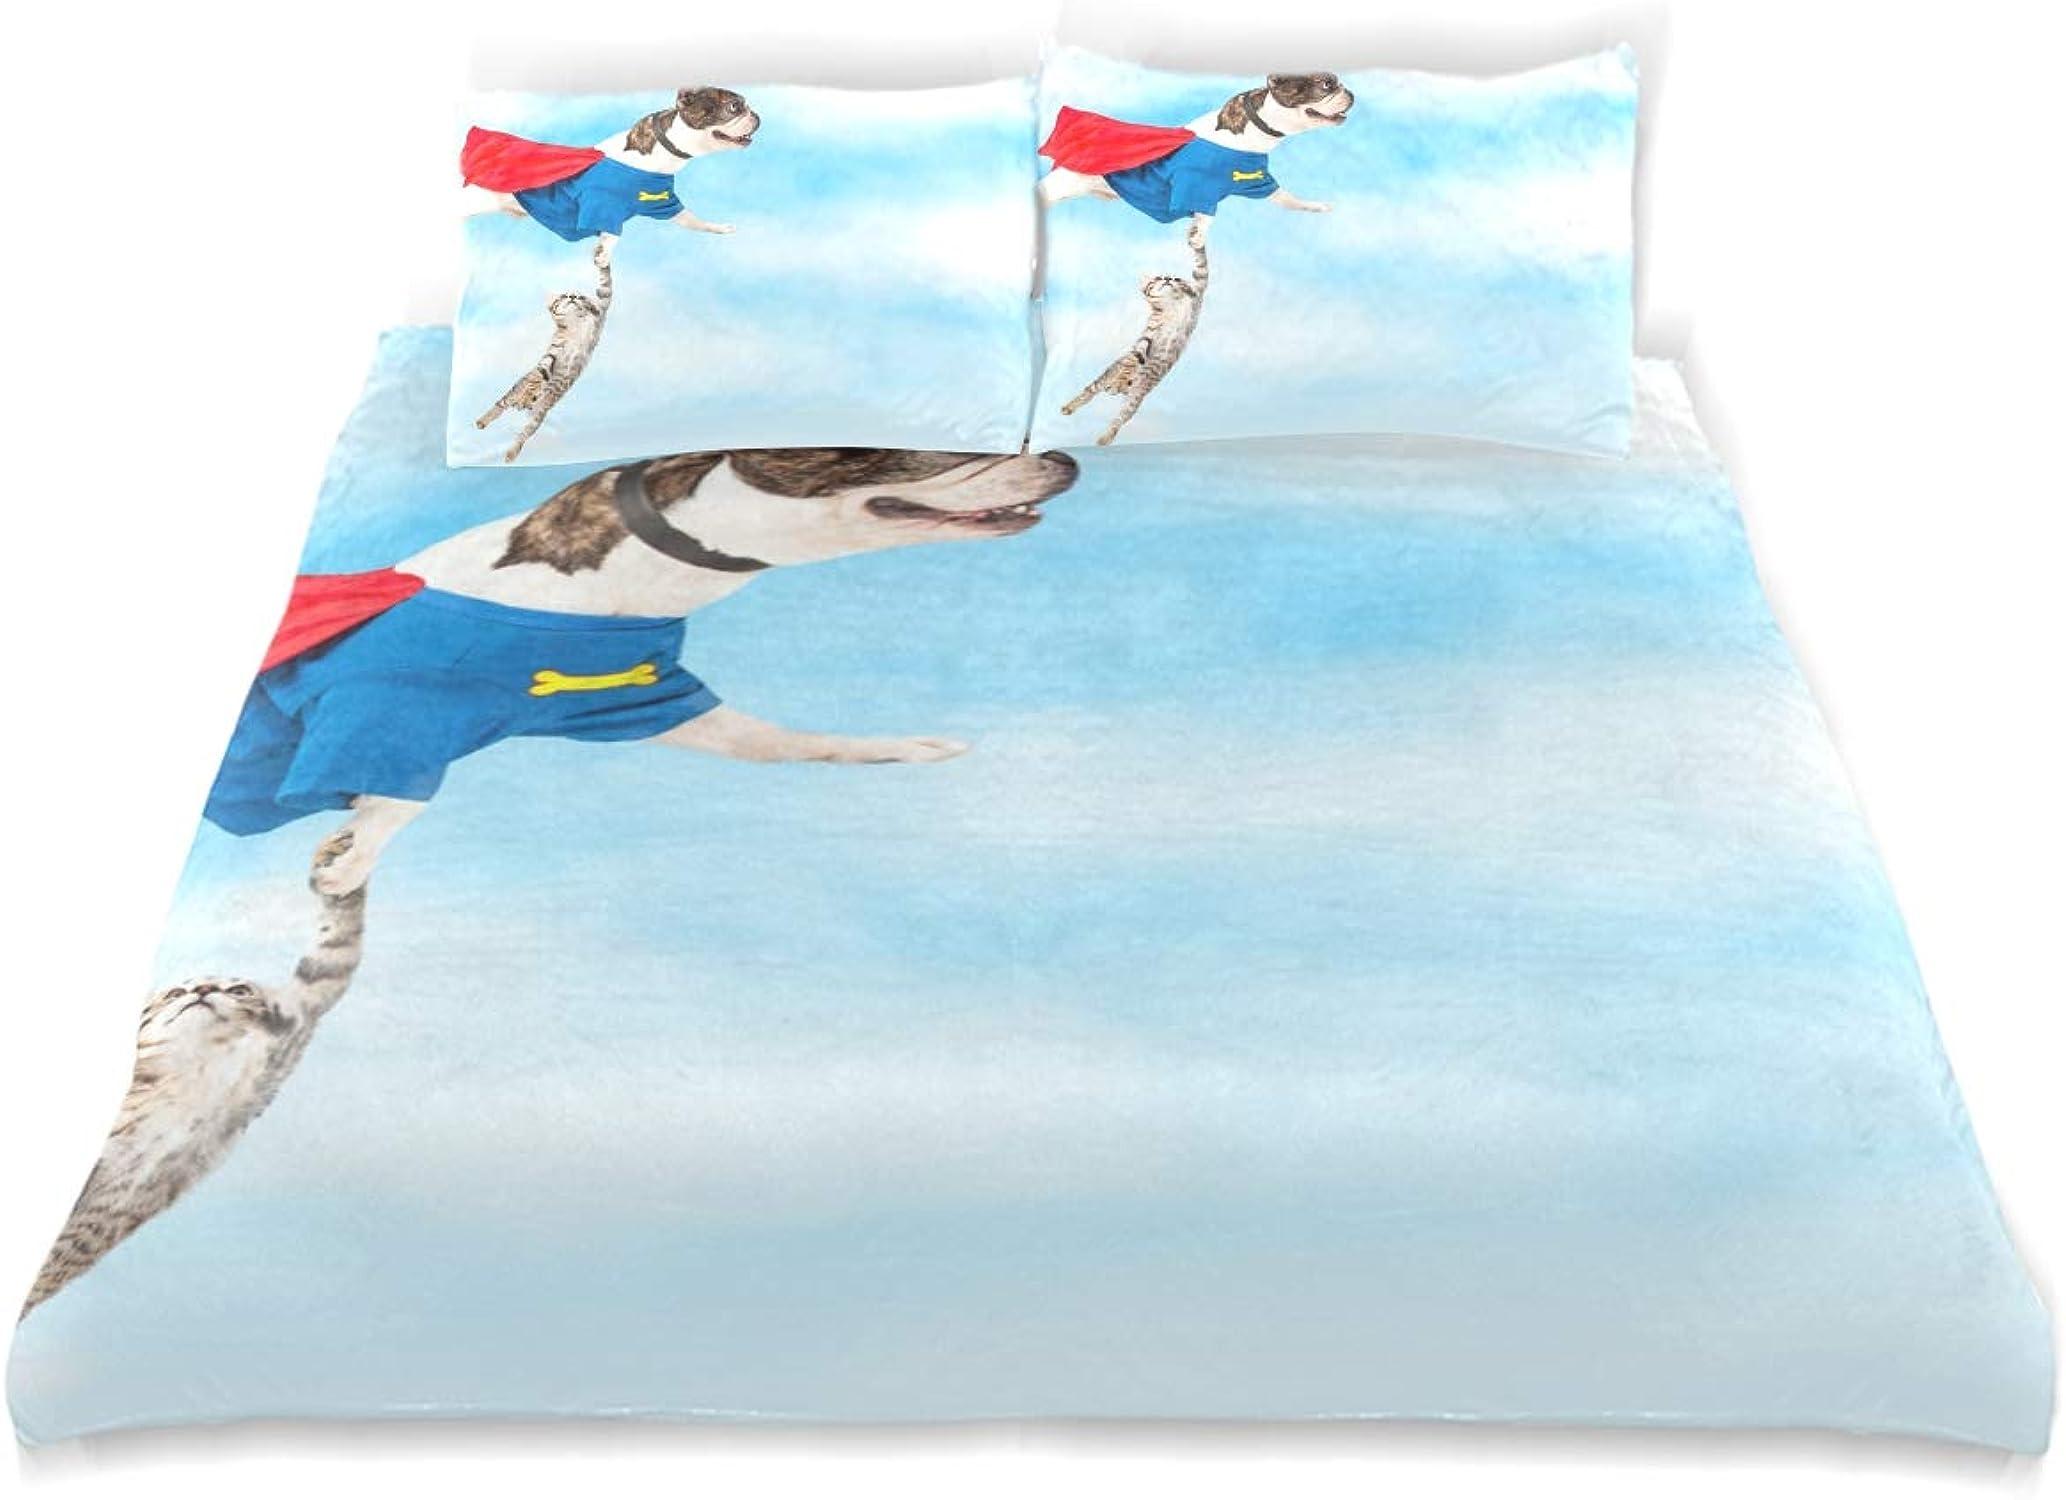 auténtico SUNOP Juego de Cama Cama Cama Completo de Franela de Franela 100% algodón Cepillado, Funda de edrojoón y 2 Fundas de Almohada, Juego de Cama, Super Hero Dog Flying  lo último